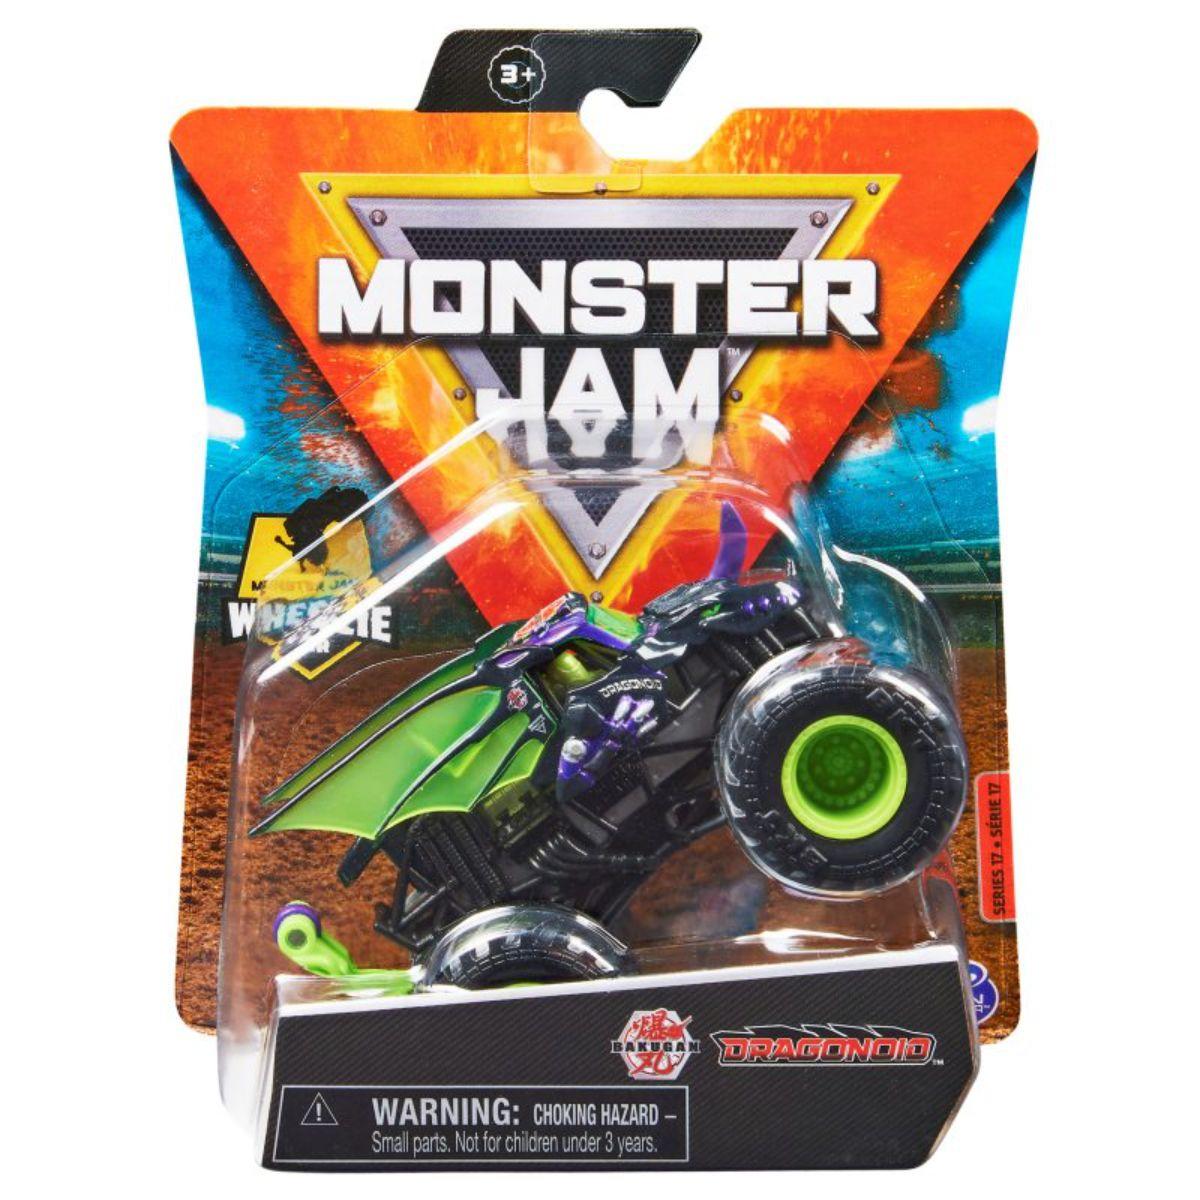 Masinuta Monster Jam, Scara 1:64, Dragonoid, 20130580